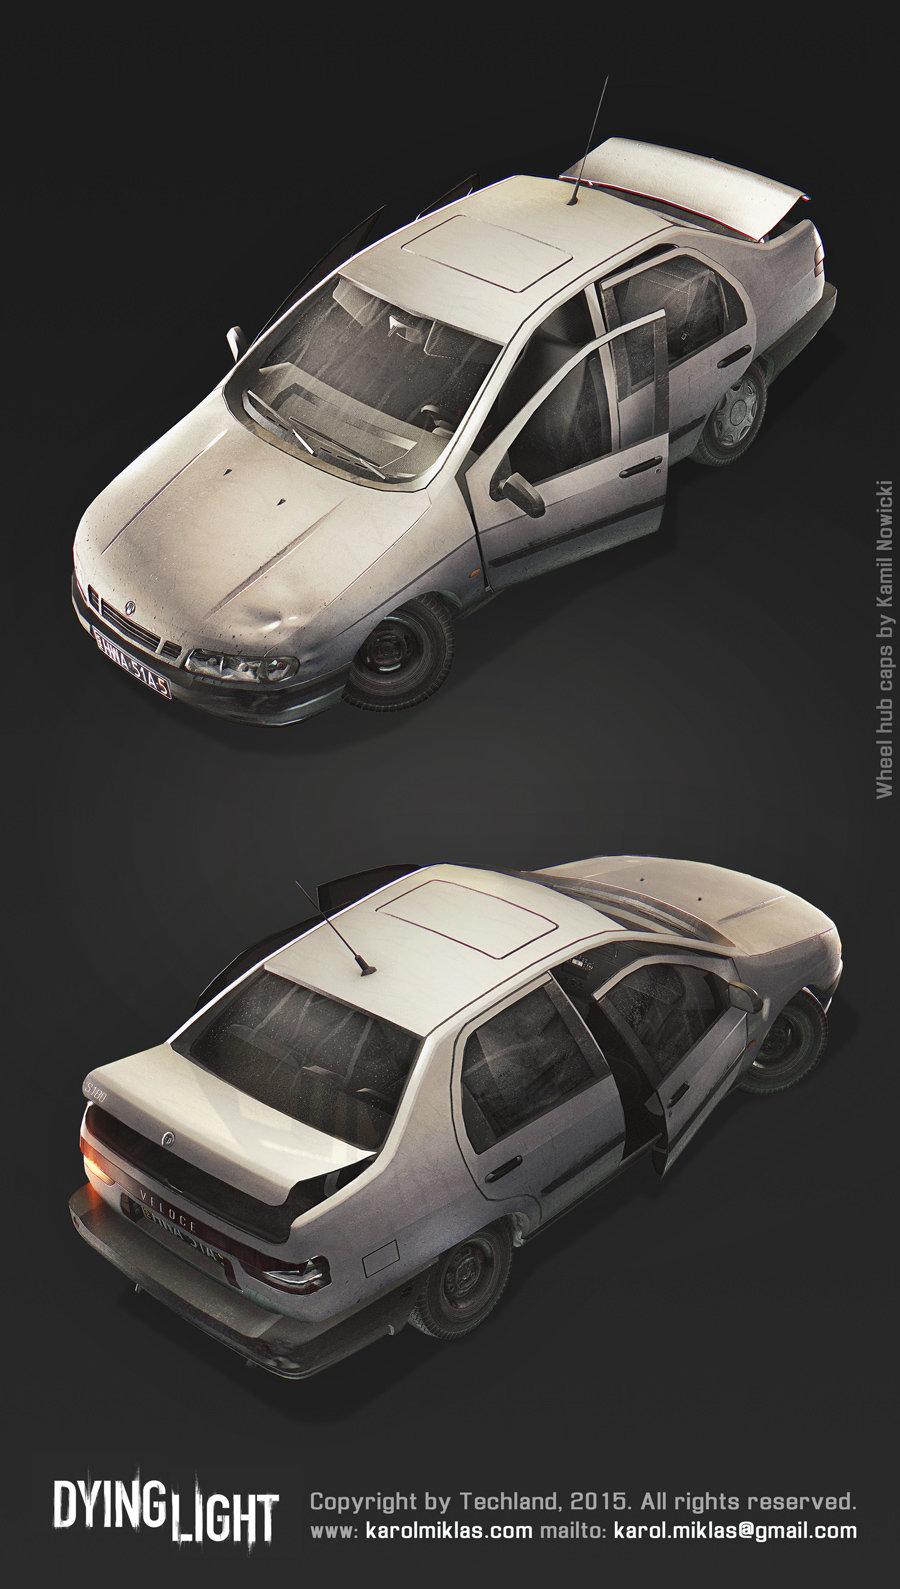 karol-miklas-new-sedan-a-1.jpg